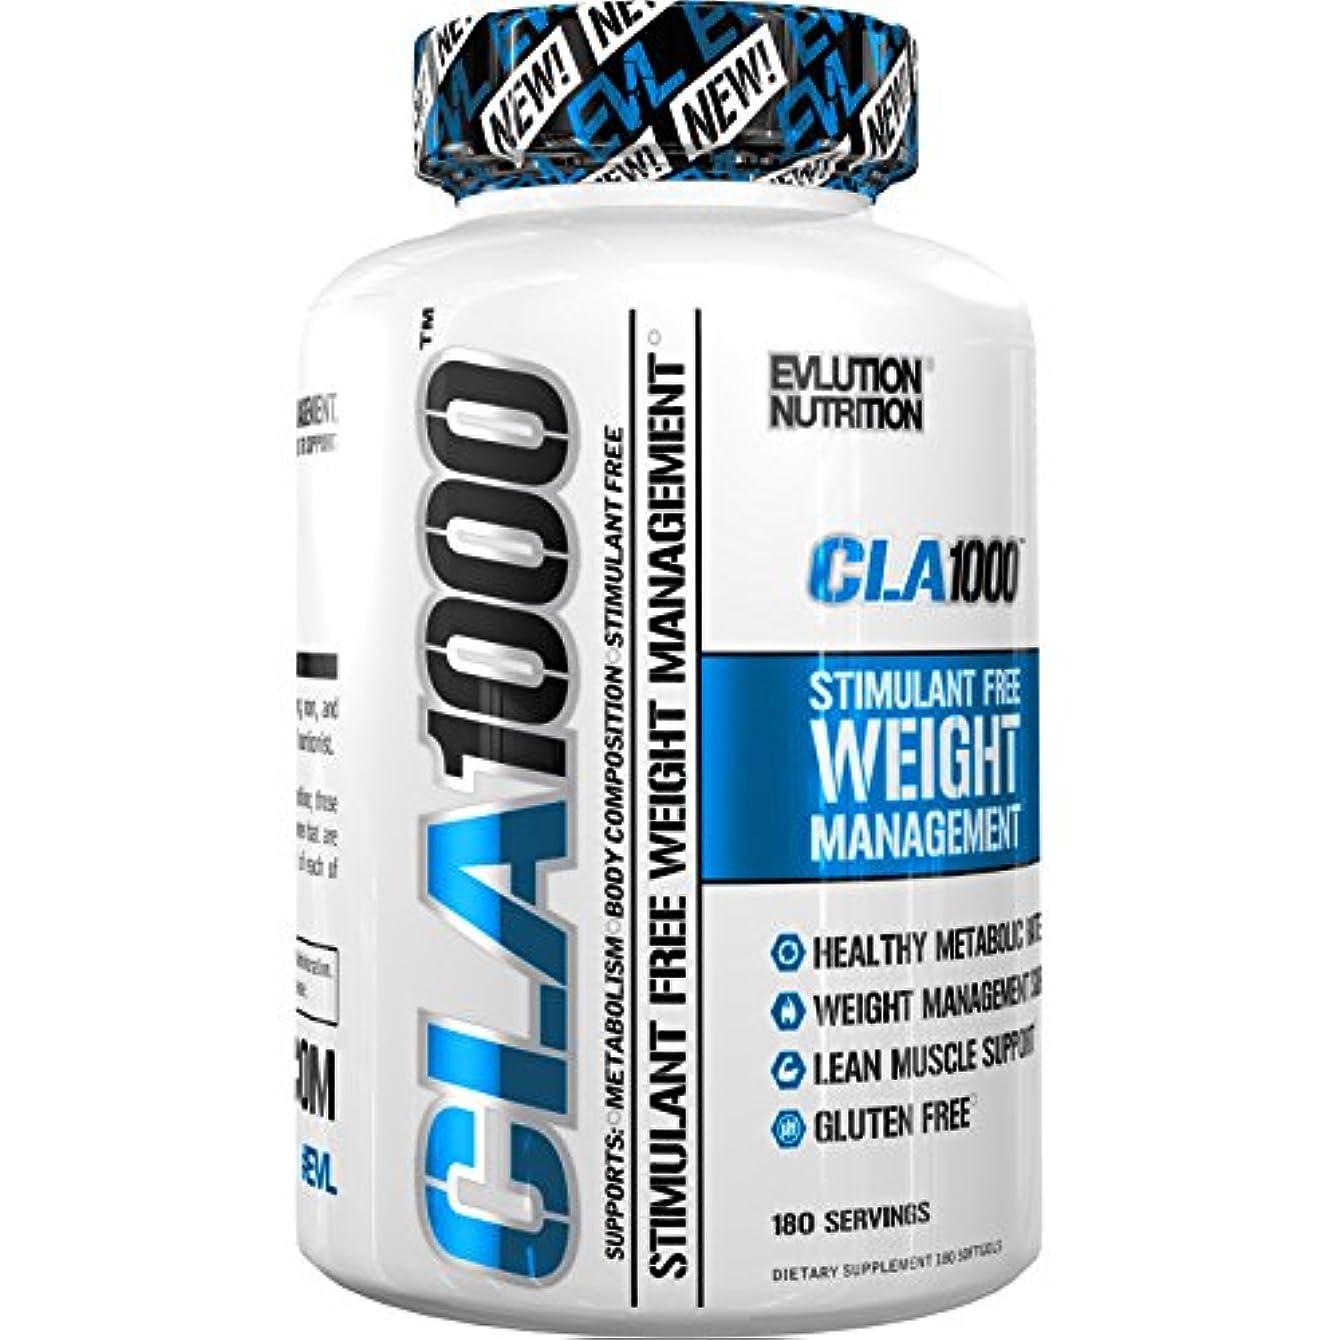 無効にする泥降下CLA1000 共役リノール酸 ソフトジェル 体重管理サプリメント 興奮系成分無し(180回分)